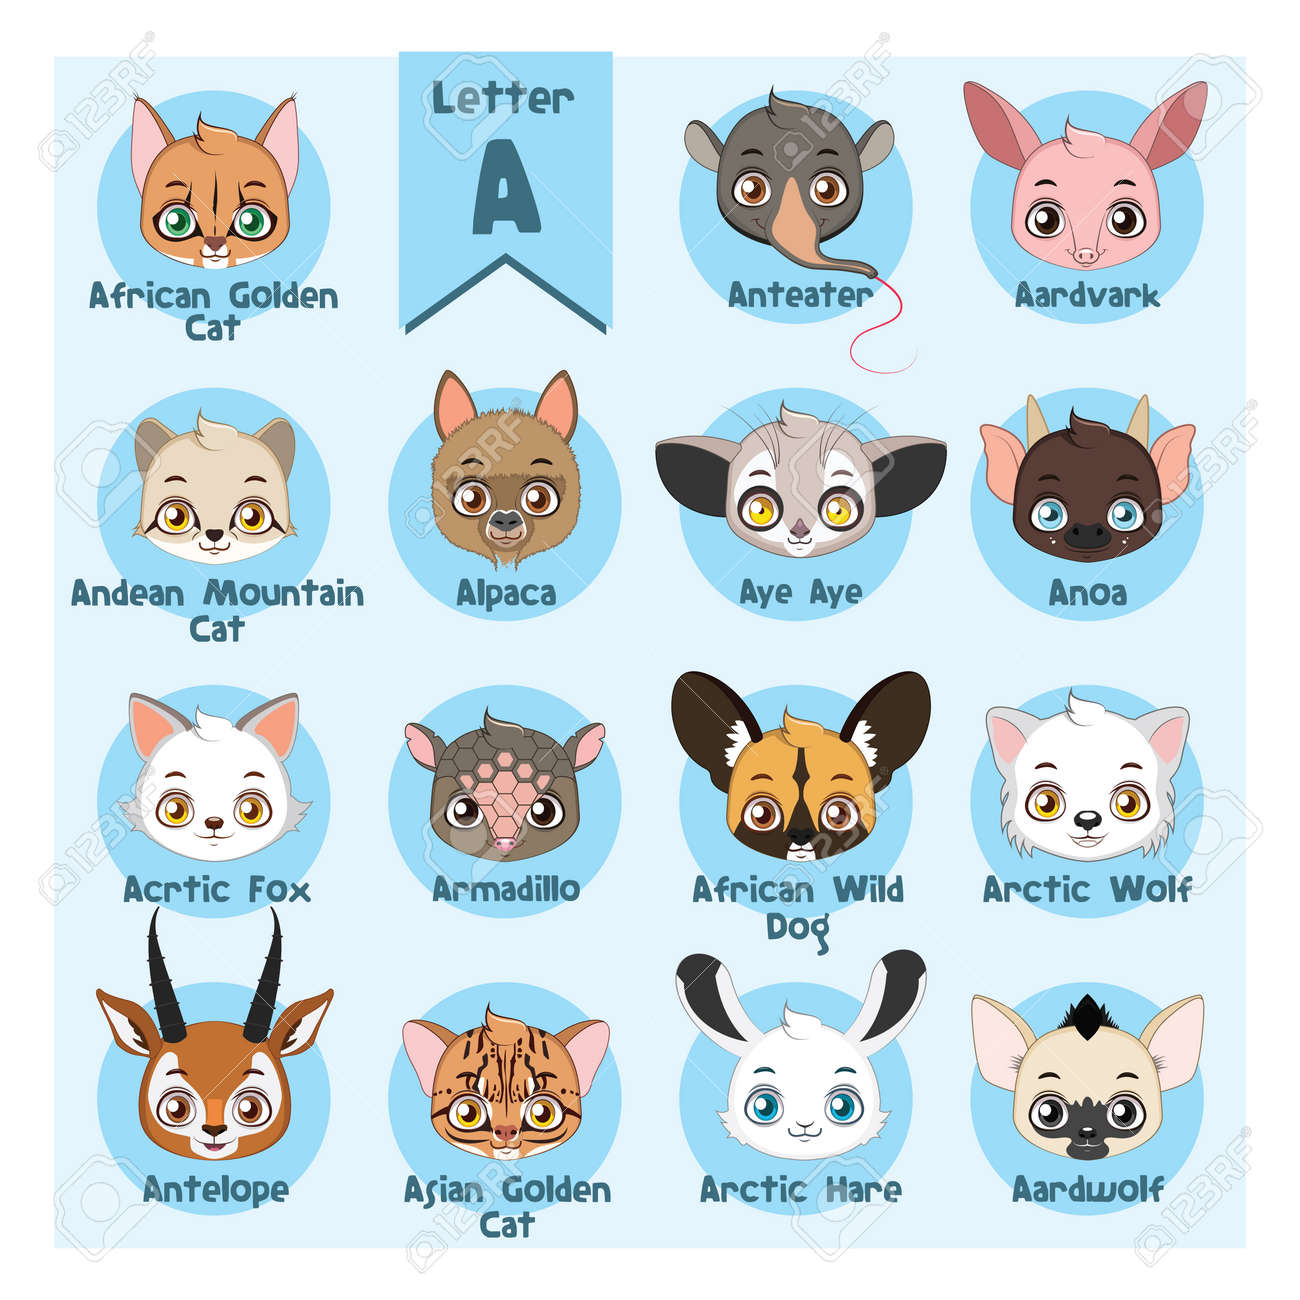 Animal Portrait Alphabet   Letter A Royalty Free Cliparts, Vectors